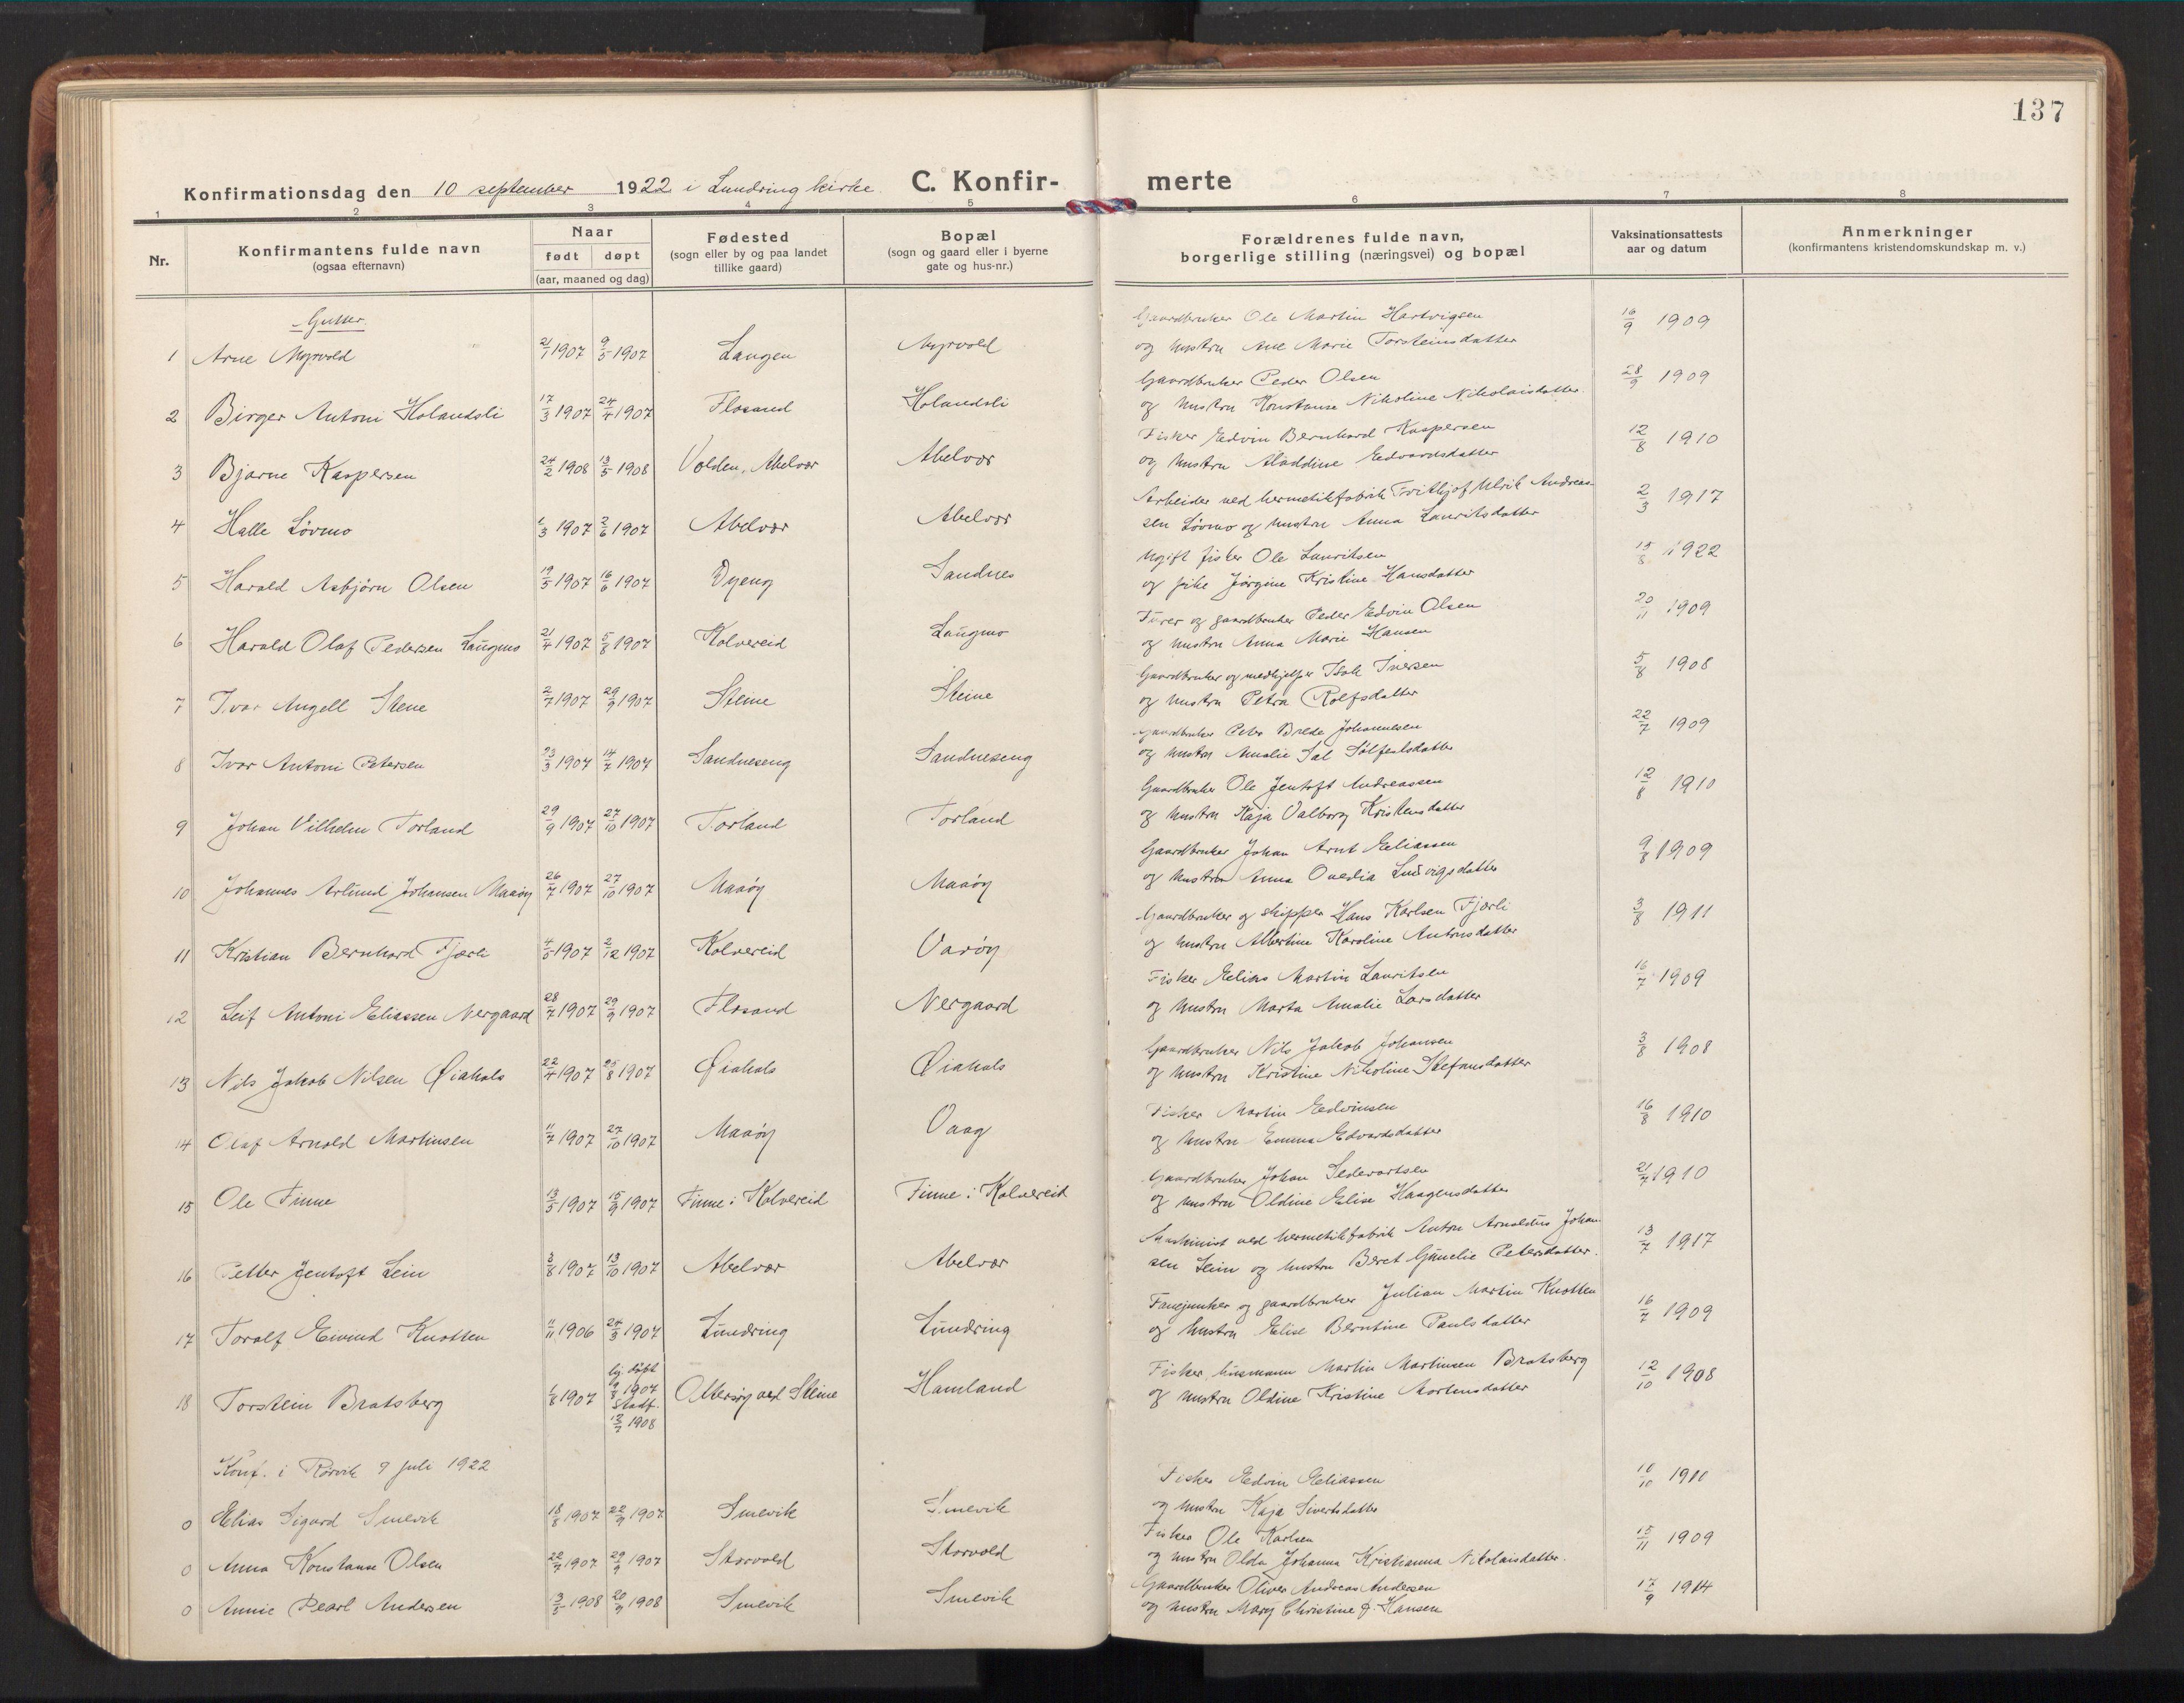 SAT, Ministerialprotokoller, klokkerbøker og fødselsregistre - Nord-Trøndelag, 784/L0678: Ministerialbok nr. 784A13, 1921-1938, s. 137